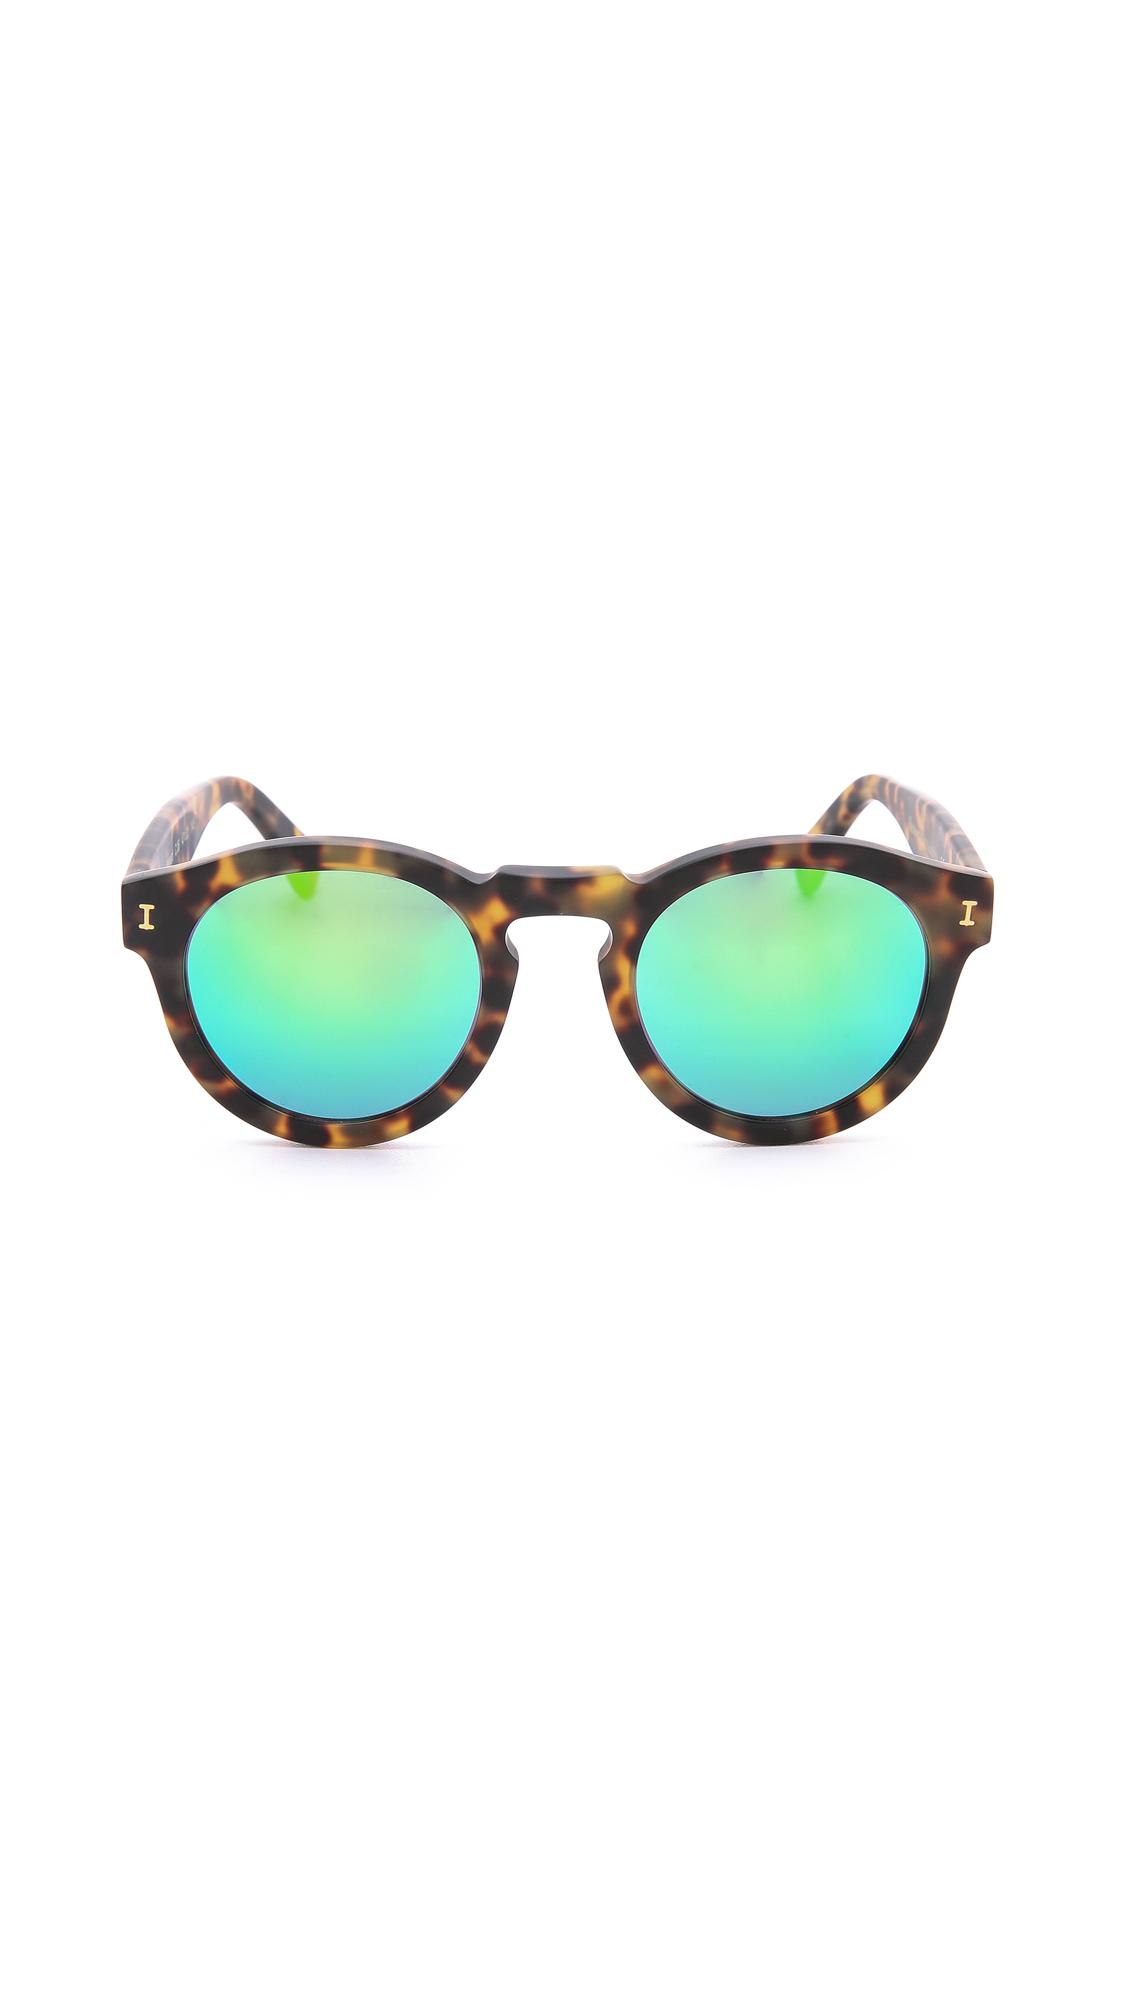 d1c158eefb5 Illesteva Leonard Matte Mirrored Sunglasses